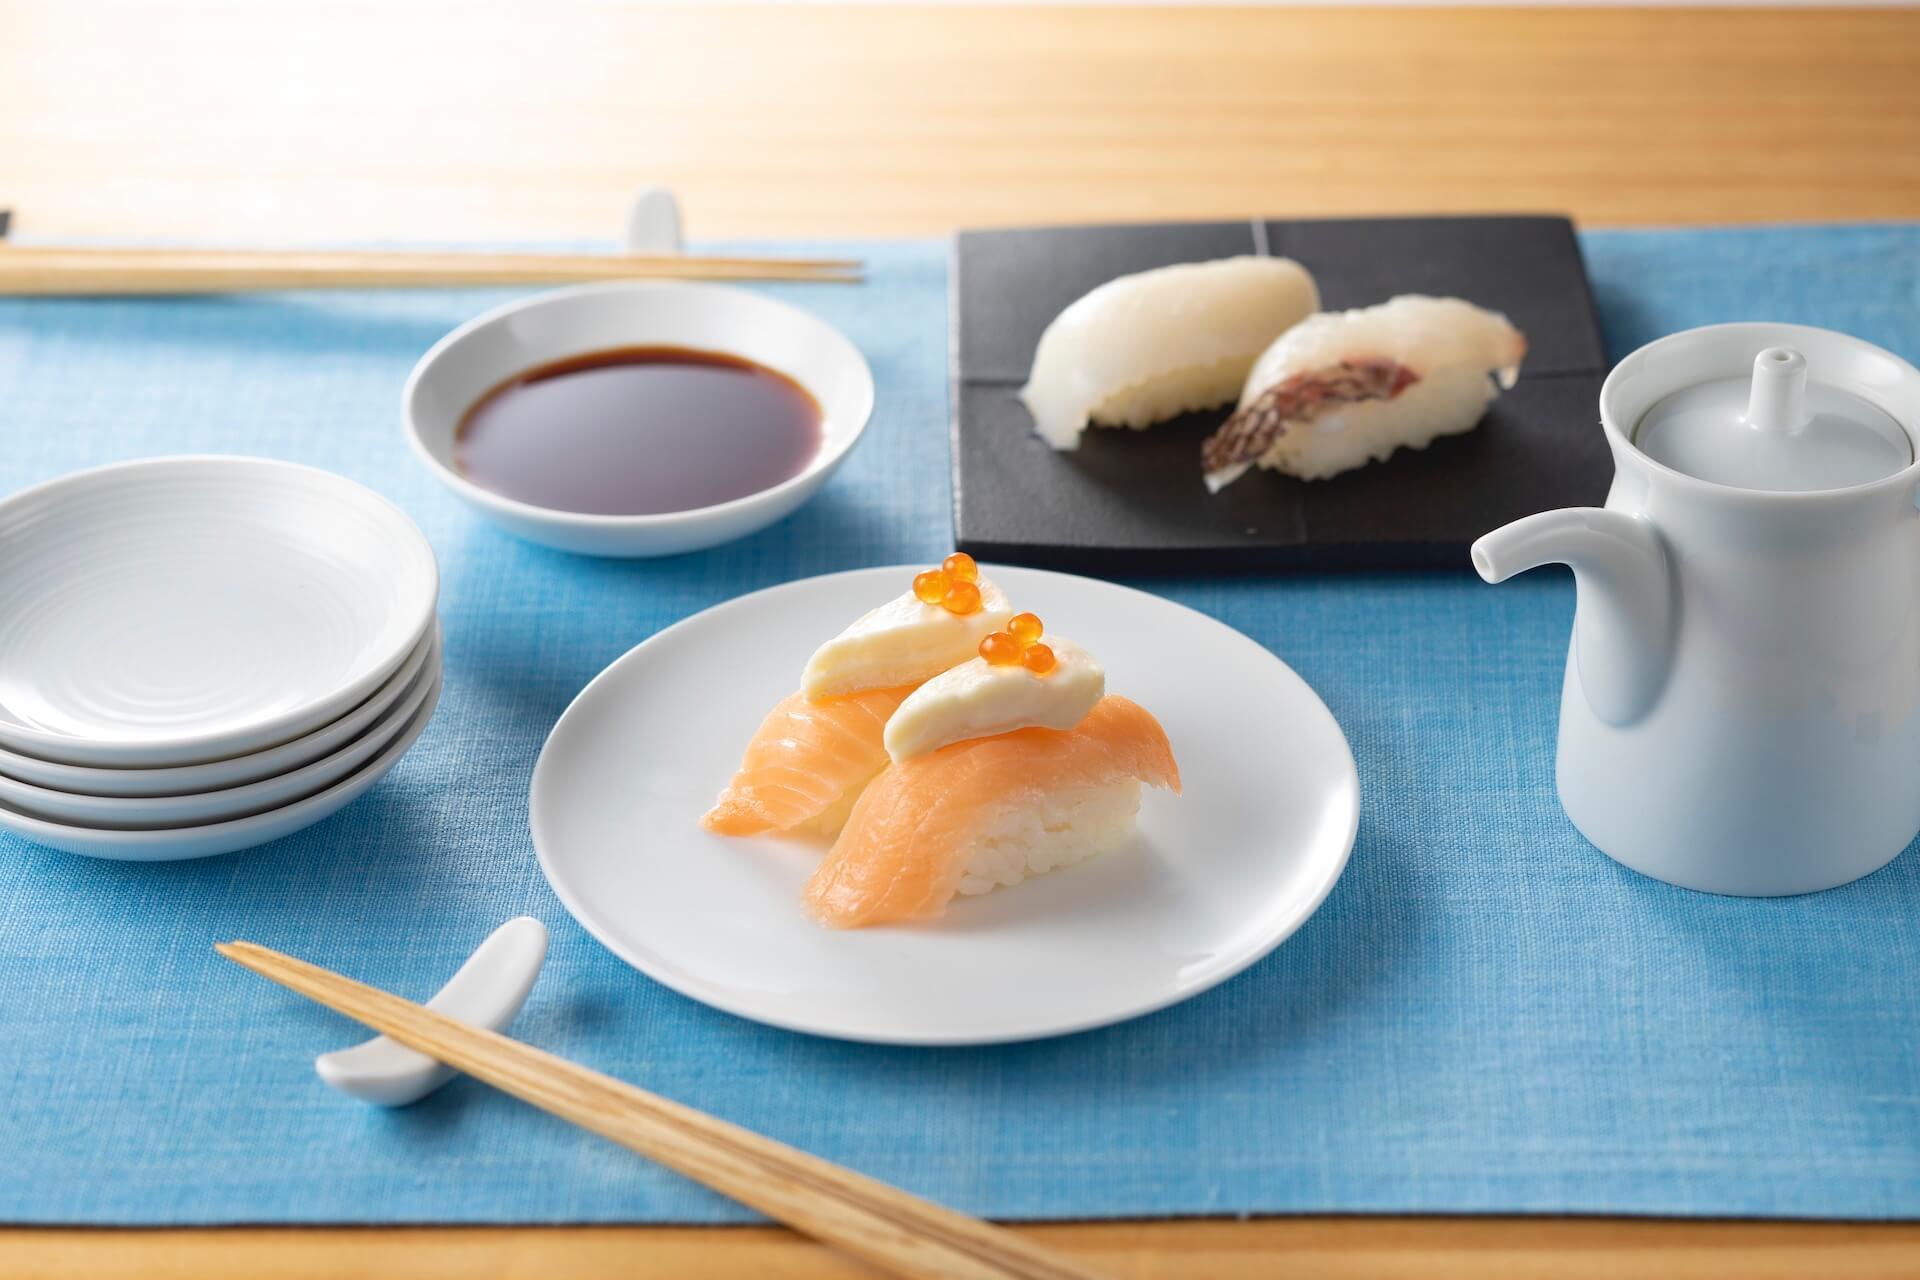 おうちで手作りはま寿司を楽しもう!人気・贅沢ネタ11種としゃり30貫がセットになった「おうちではま寿司セット」が登場 gourmet_200424_hamazushi_04